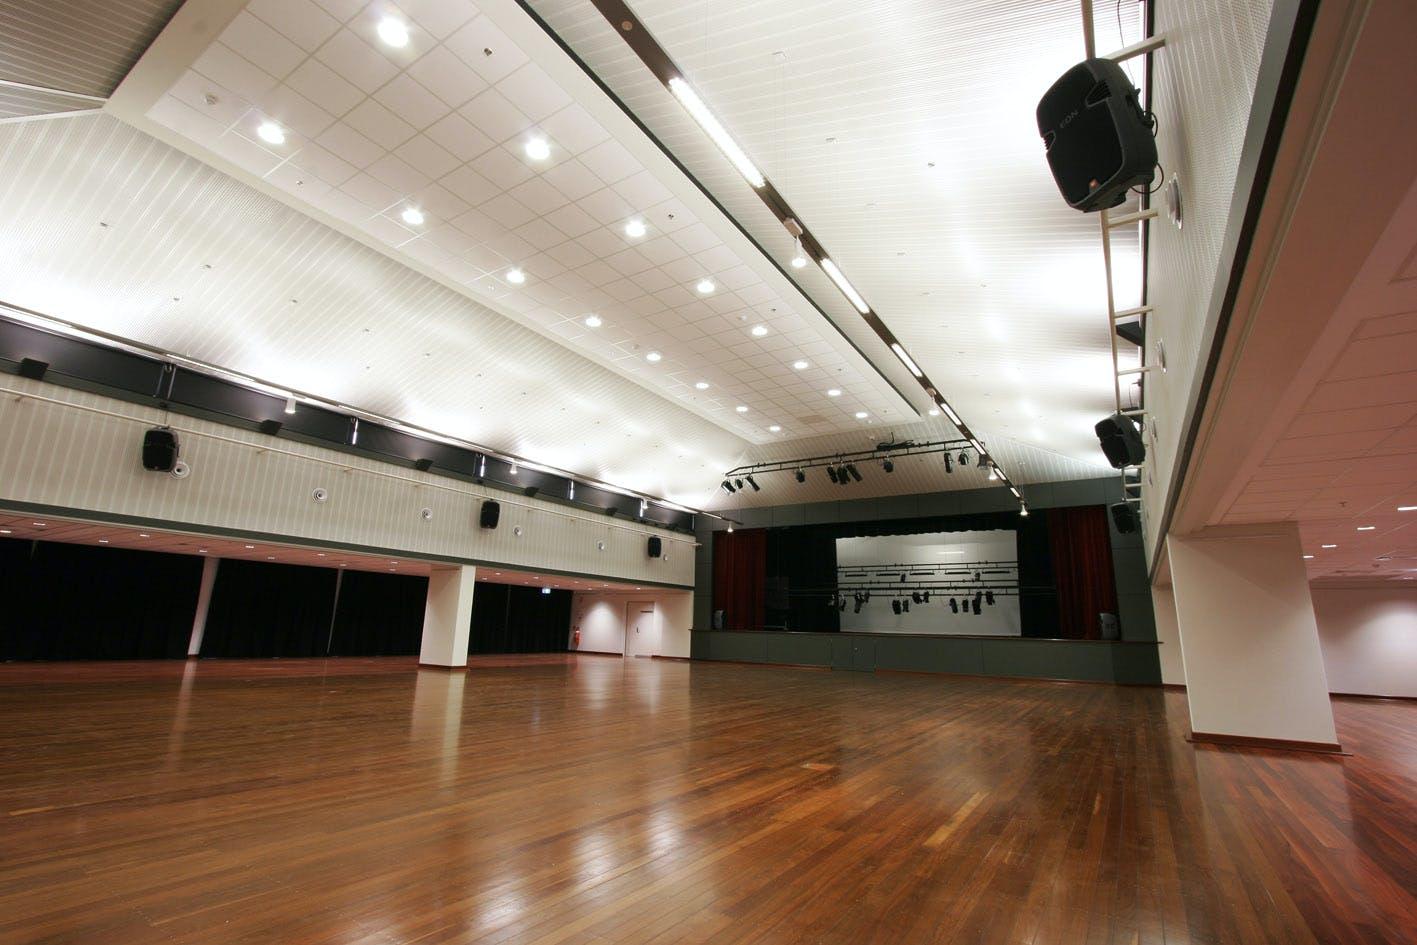 Civic Centre, Broome